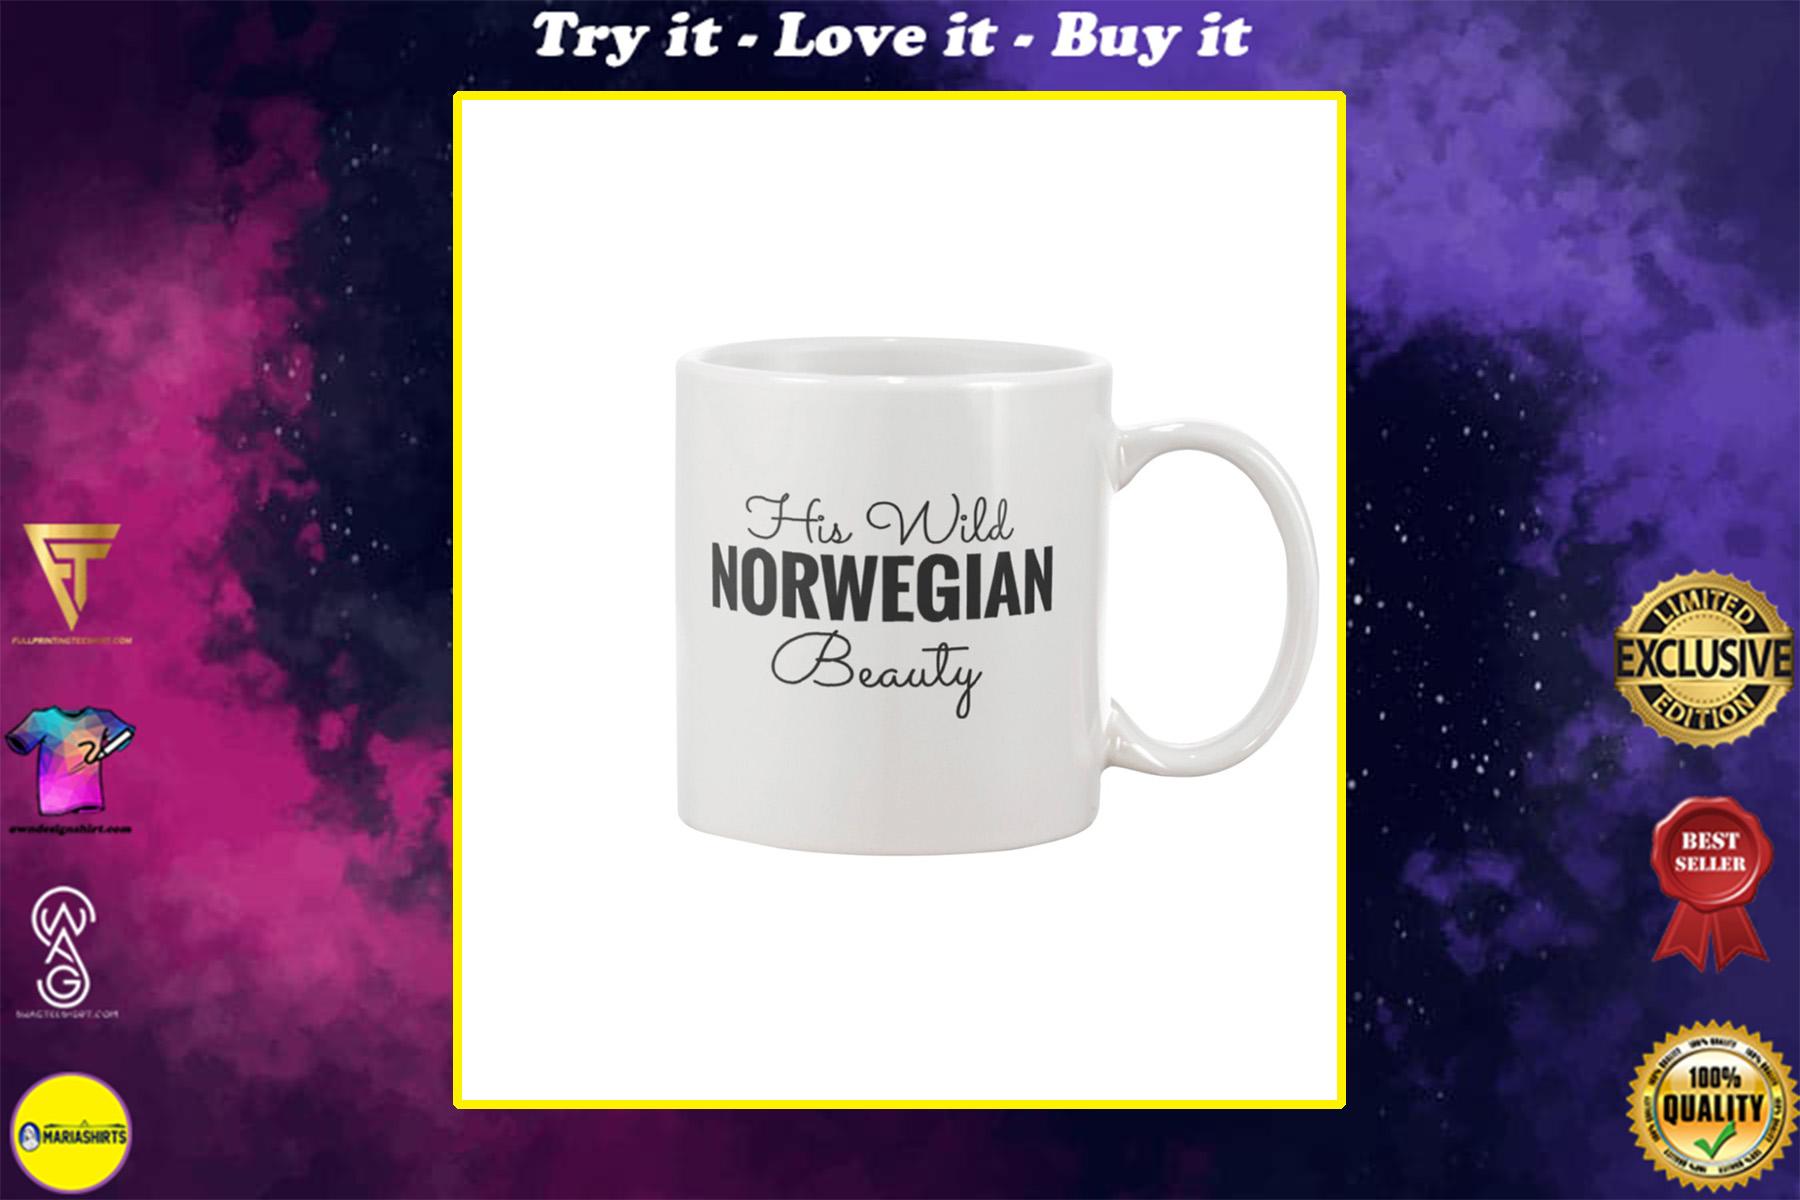 his wild norwegian beauty mug